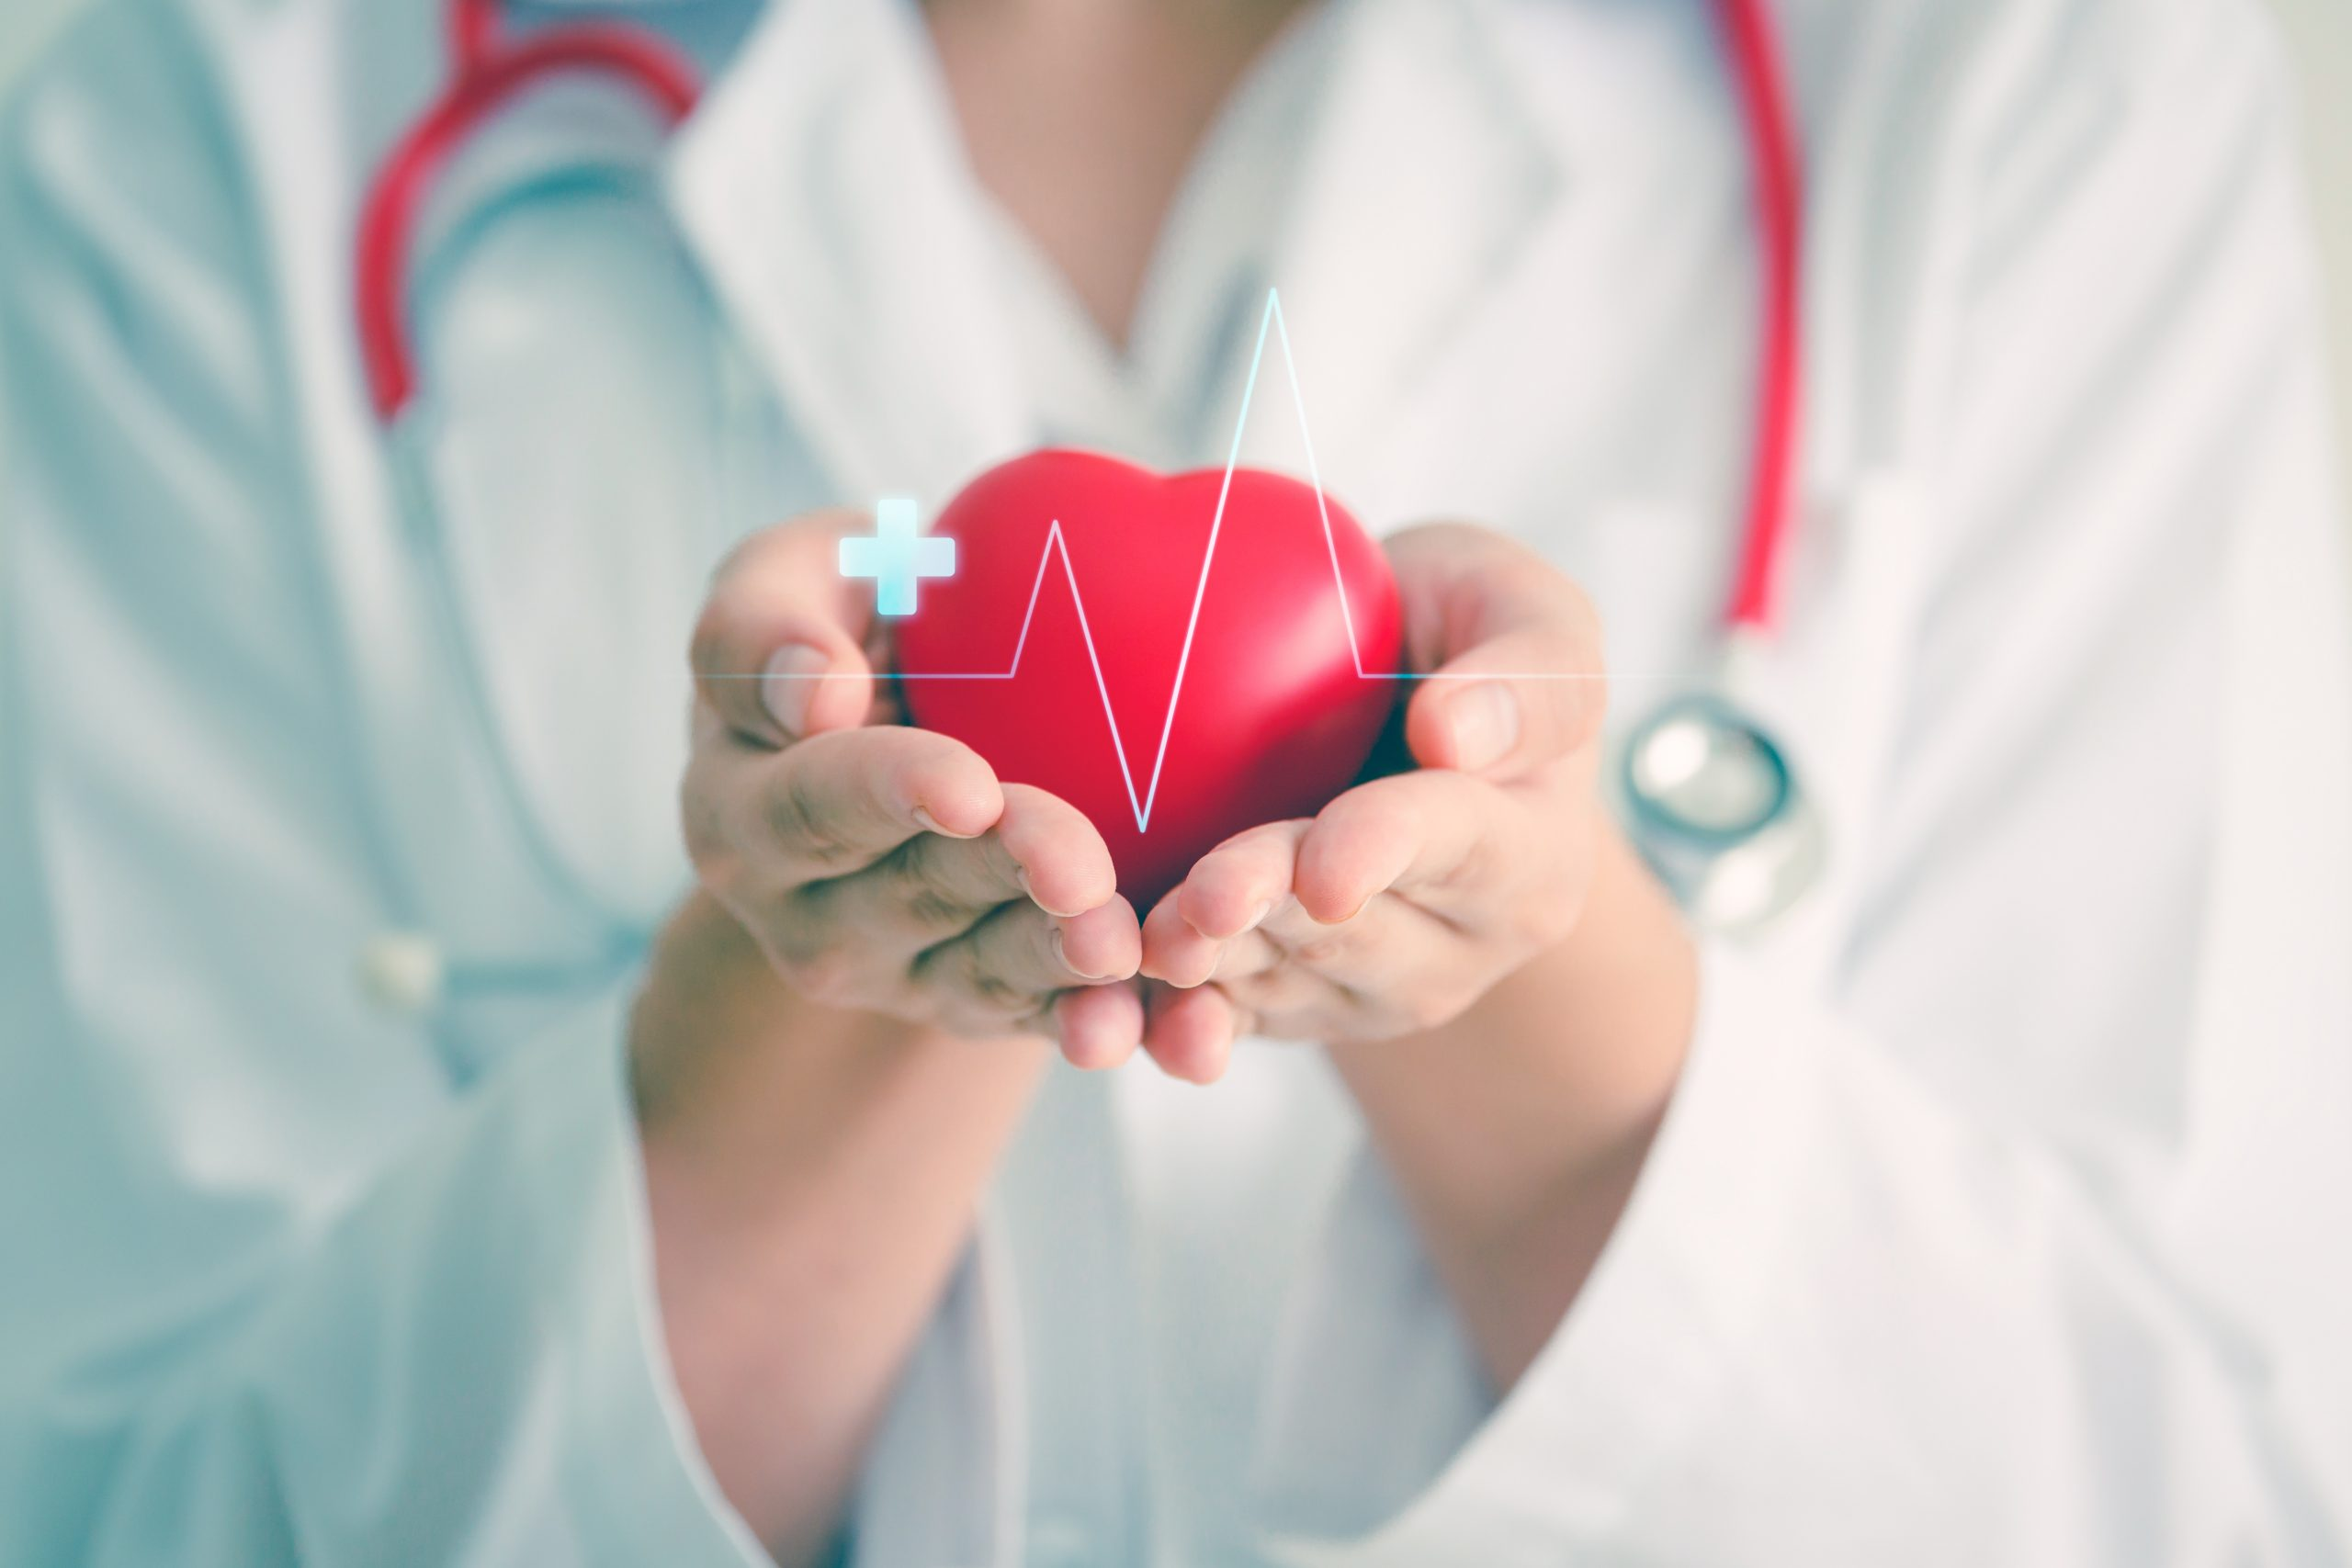 Podstawowe zwroty medyczne pochodzenia łacińskiego wtłumaczeniach medycznych języka niemieckiego